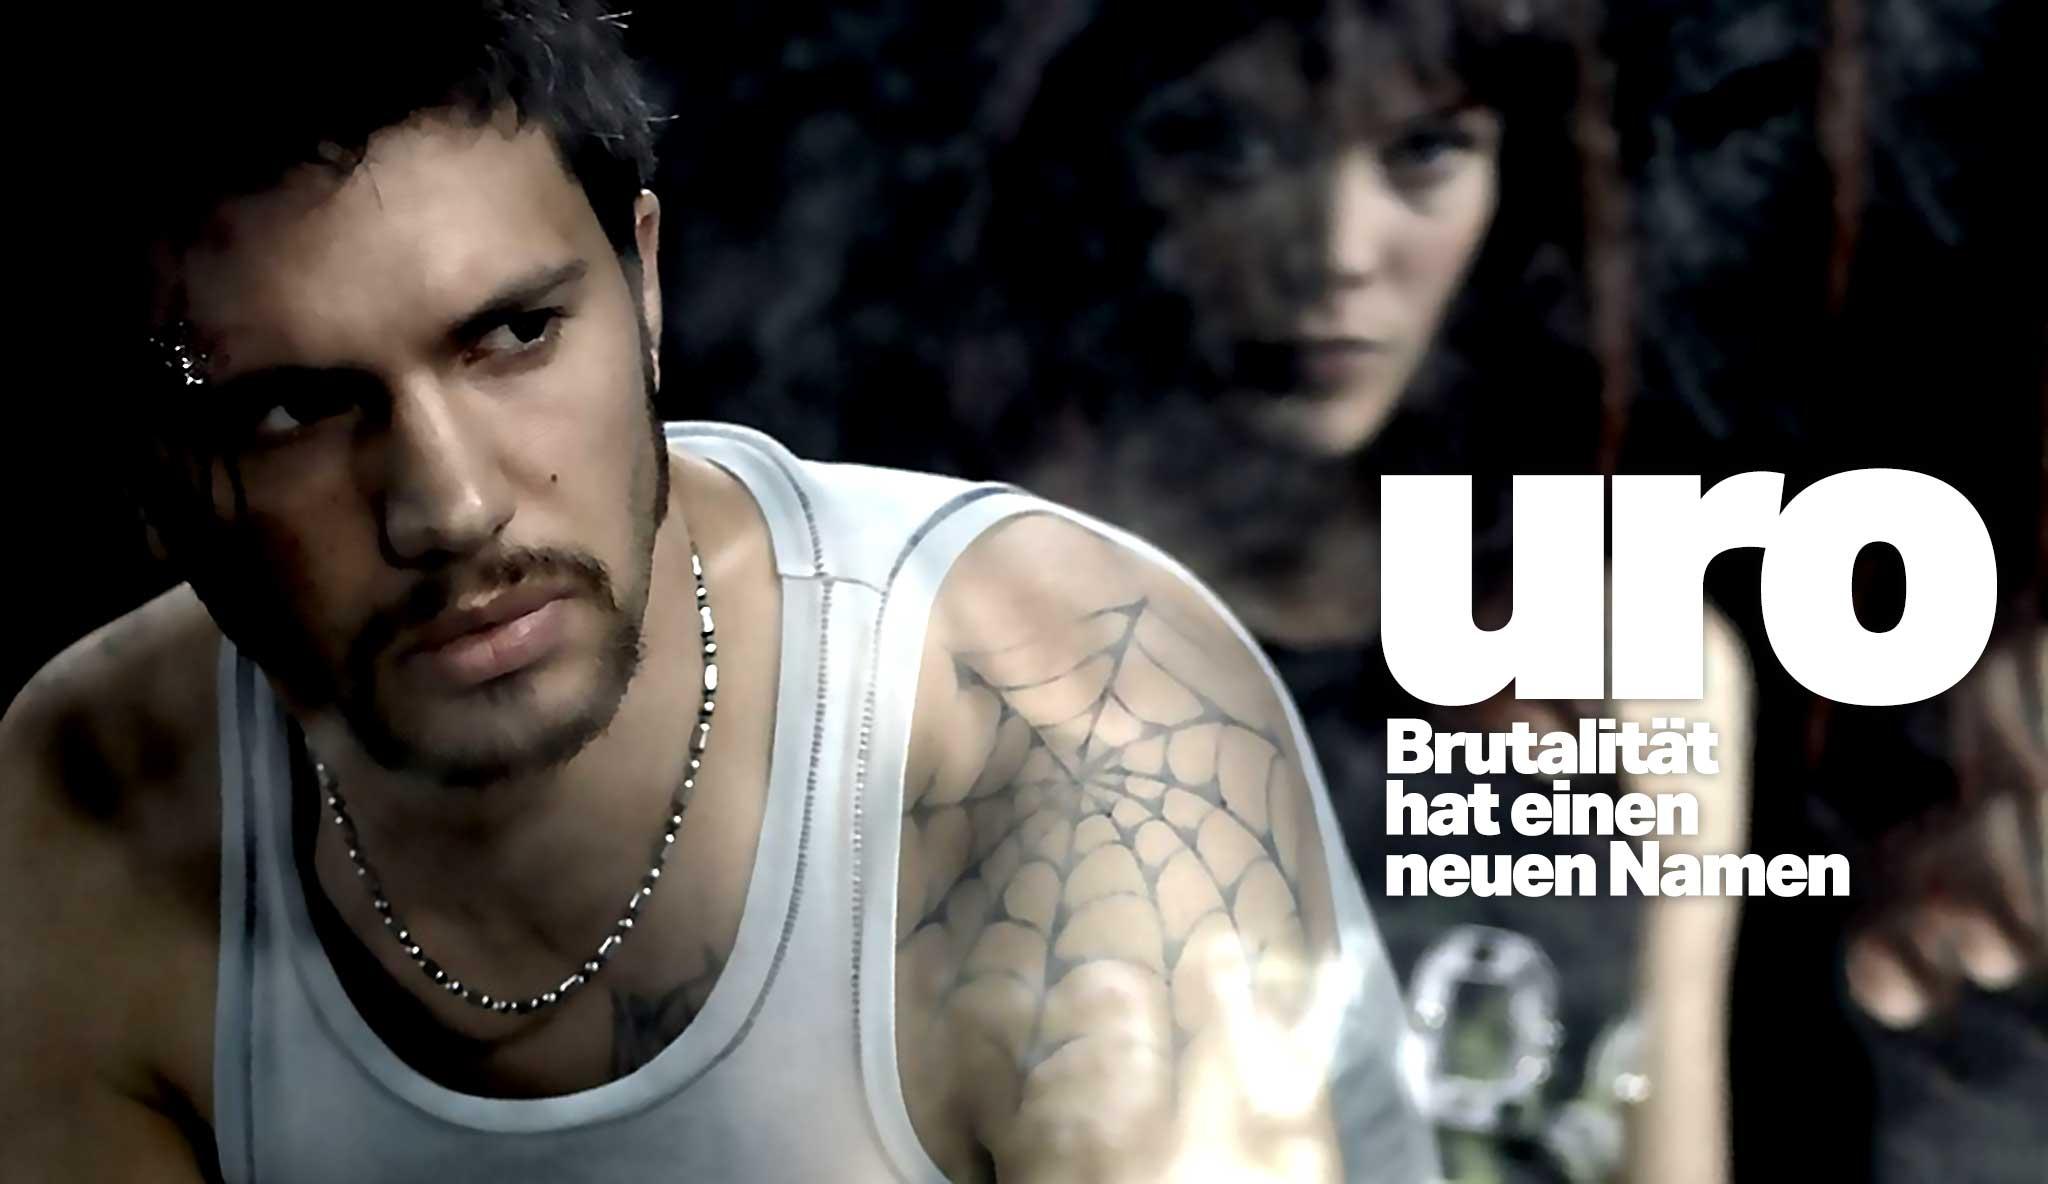 uro-brutalitat-hat-einen-neuen-namen\header.jpg